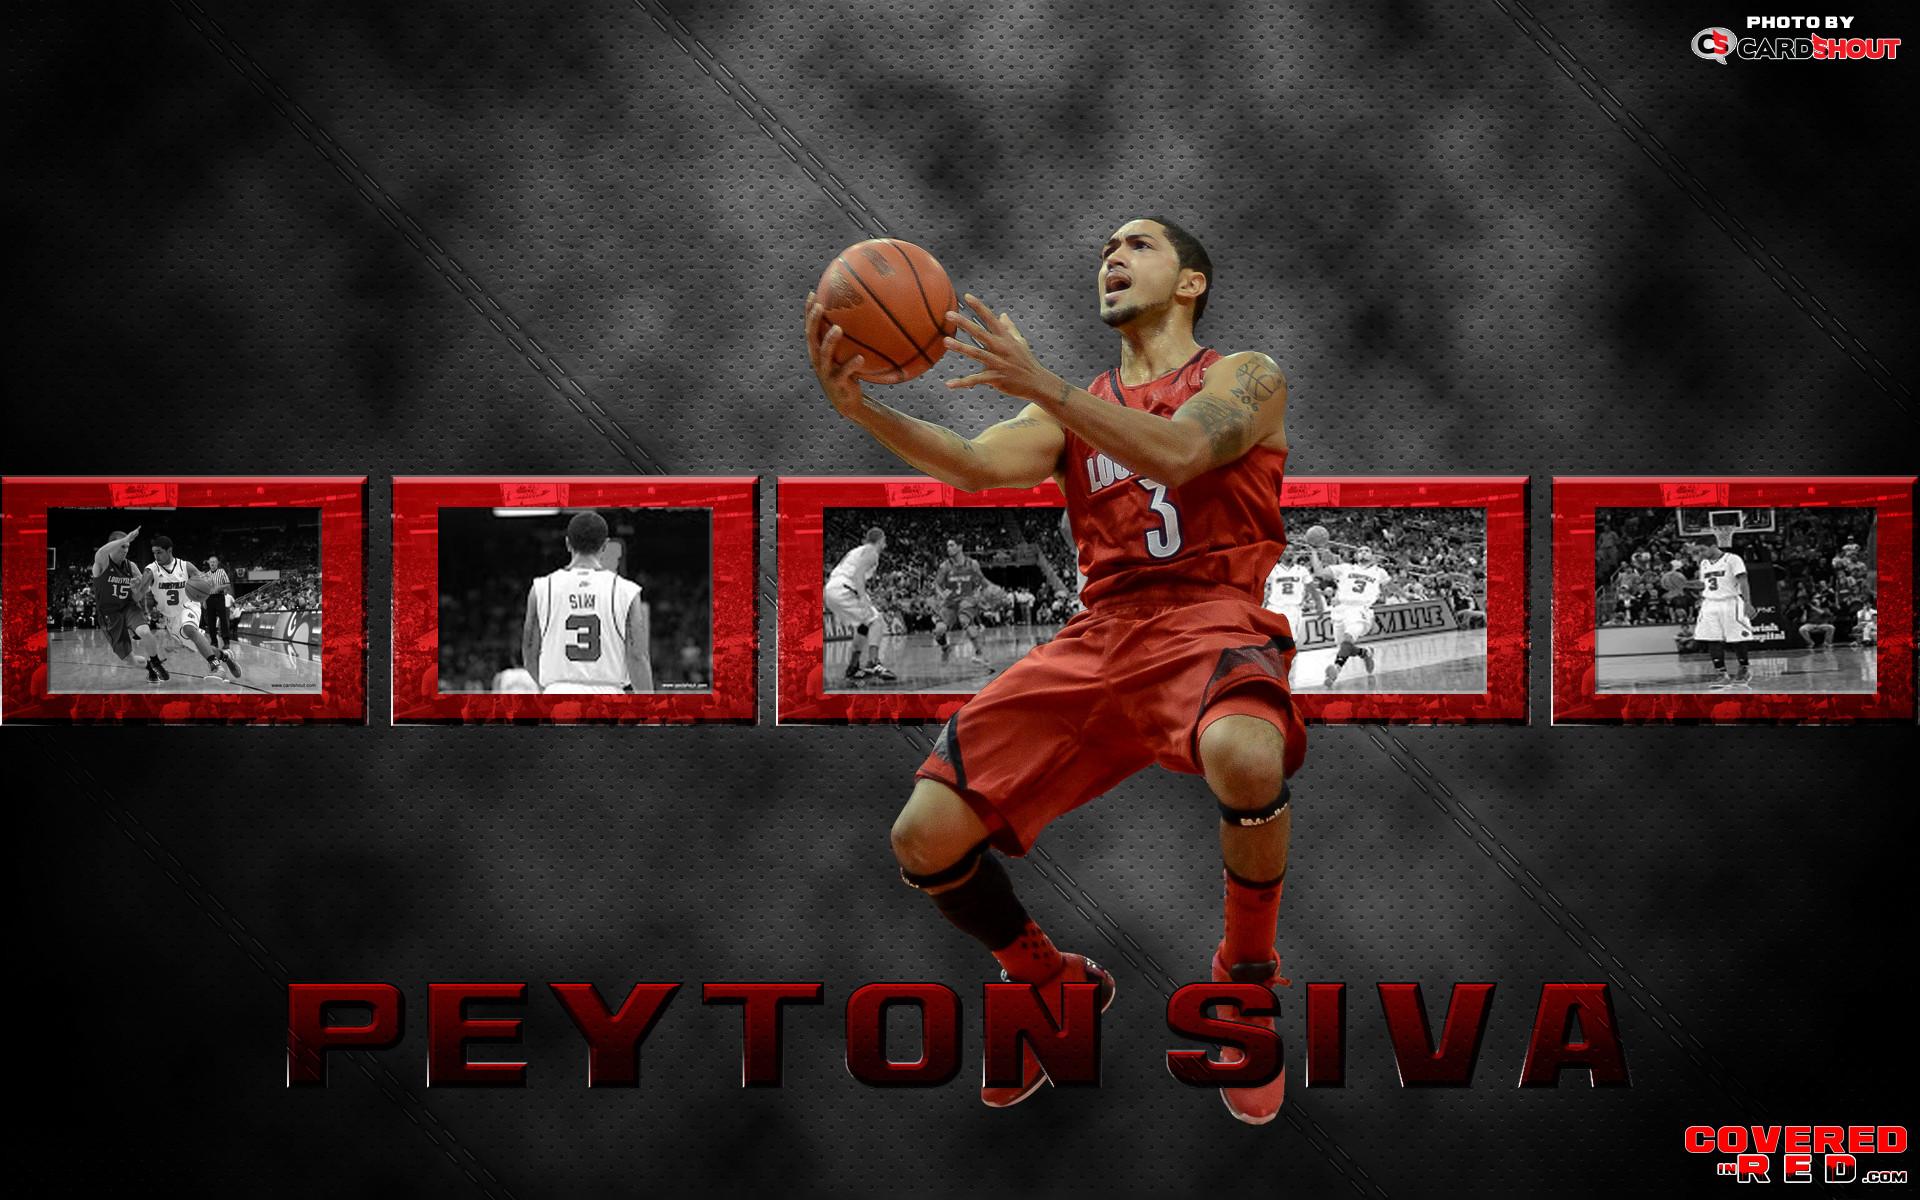 Best 25+ Peyton siva ideas only on Pinterest | Louisville cardinals  basketball, Louisville basketball and University of louisville